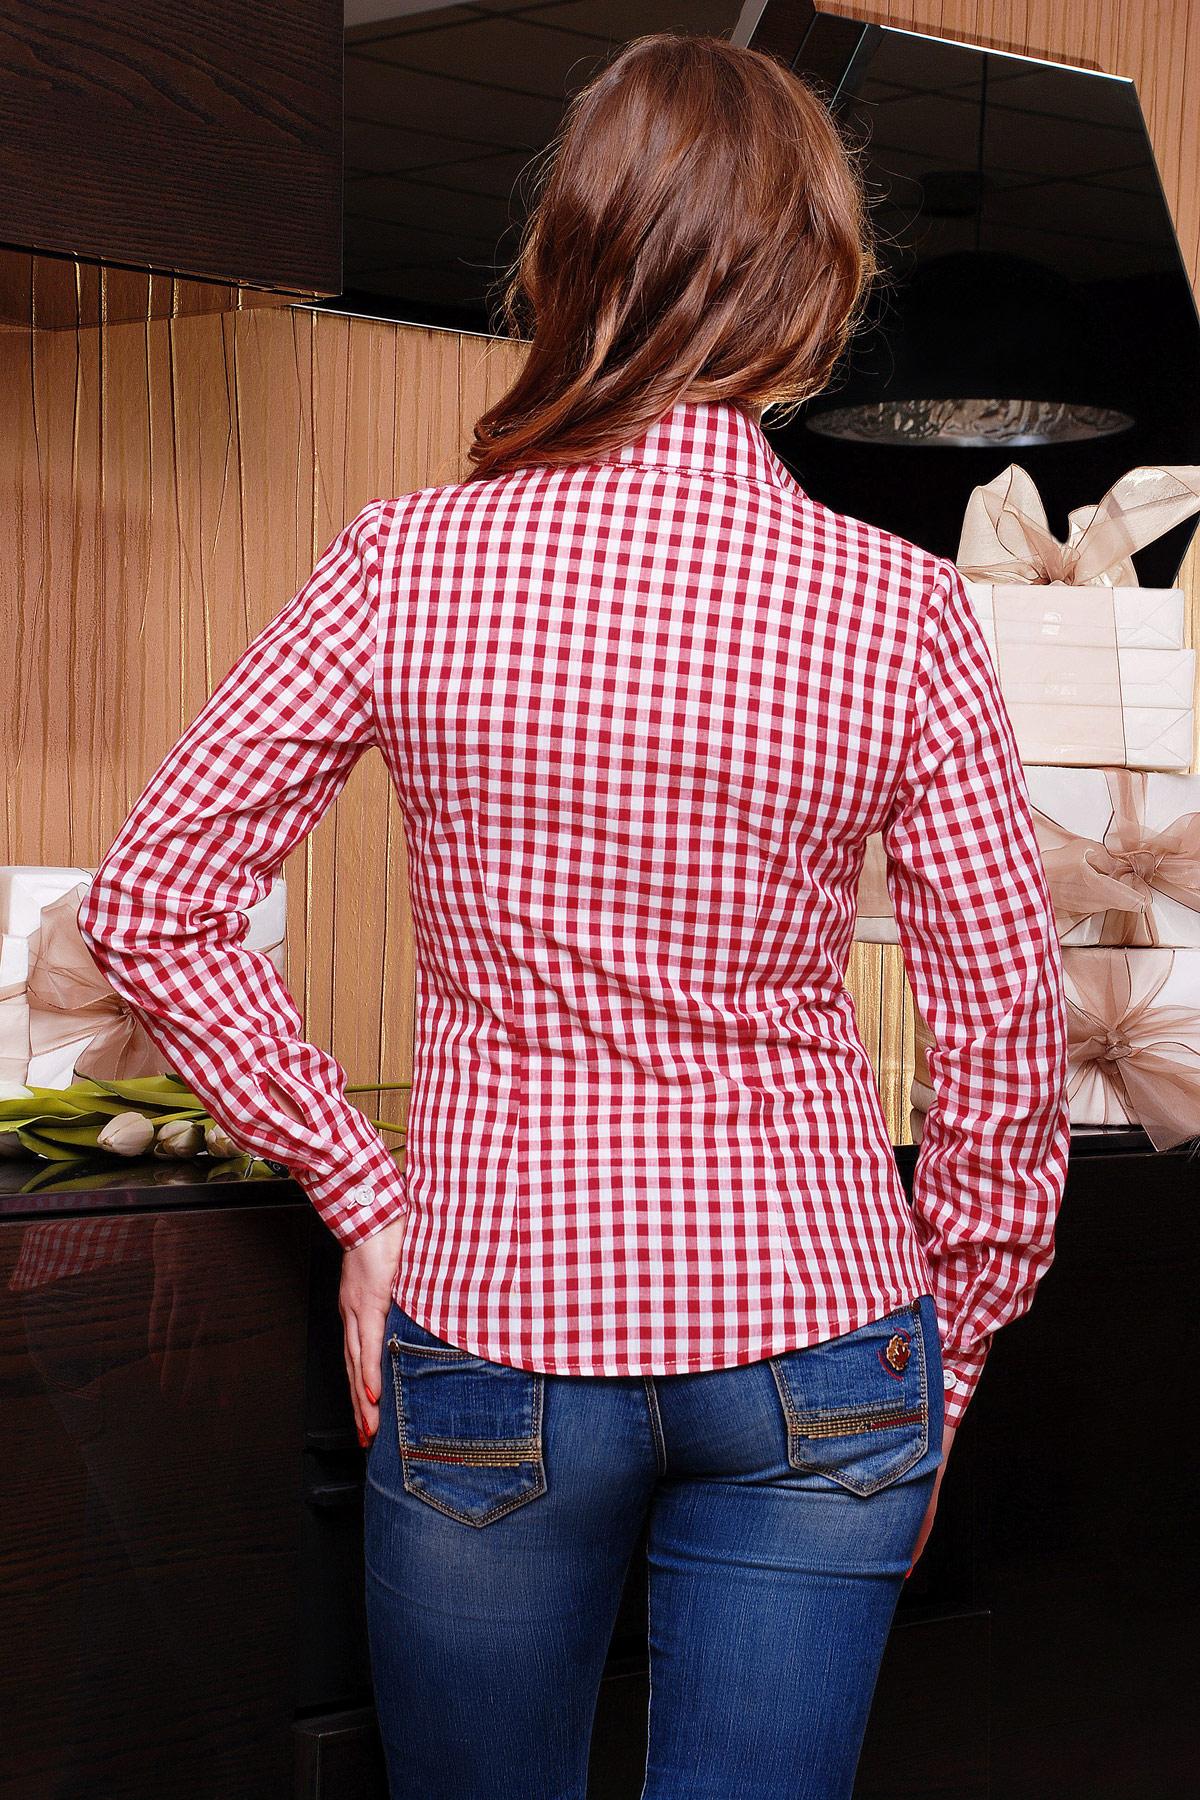 женская трикотажная красная блуза в белую клетку. блуза Шериф д/р. Цвет: бордовый-клетка